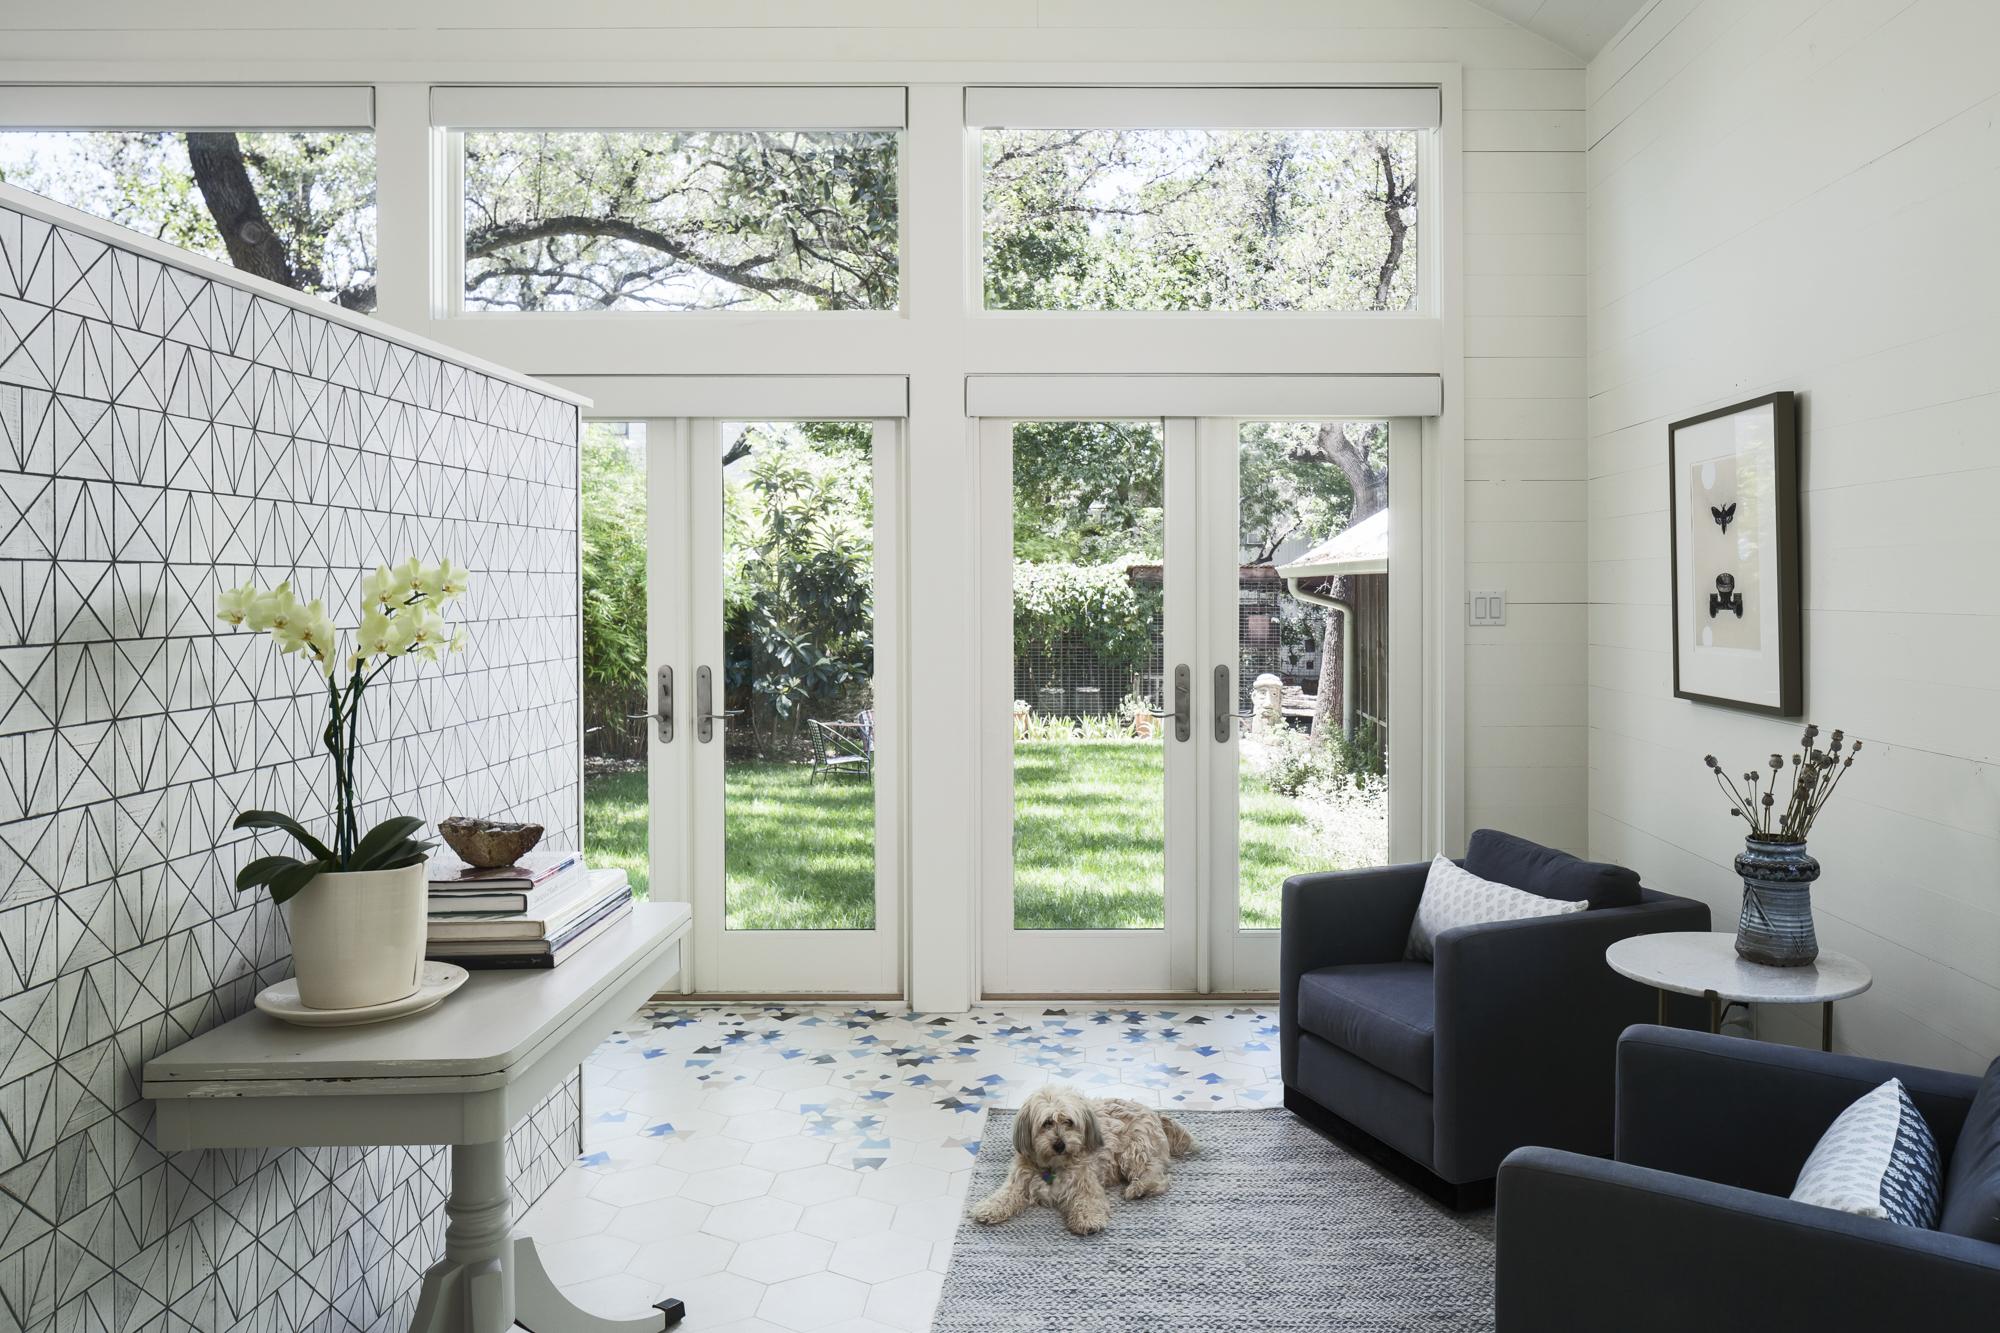 Elizabeth-Baird-Architecture-Annie Street-sitting room glass doors.jpg